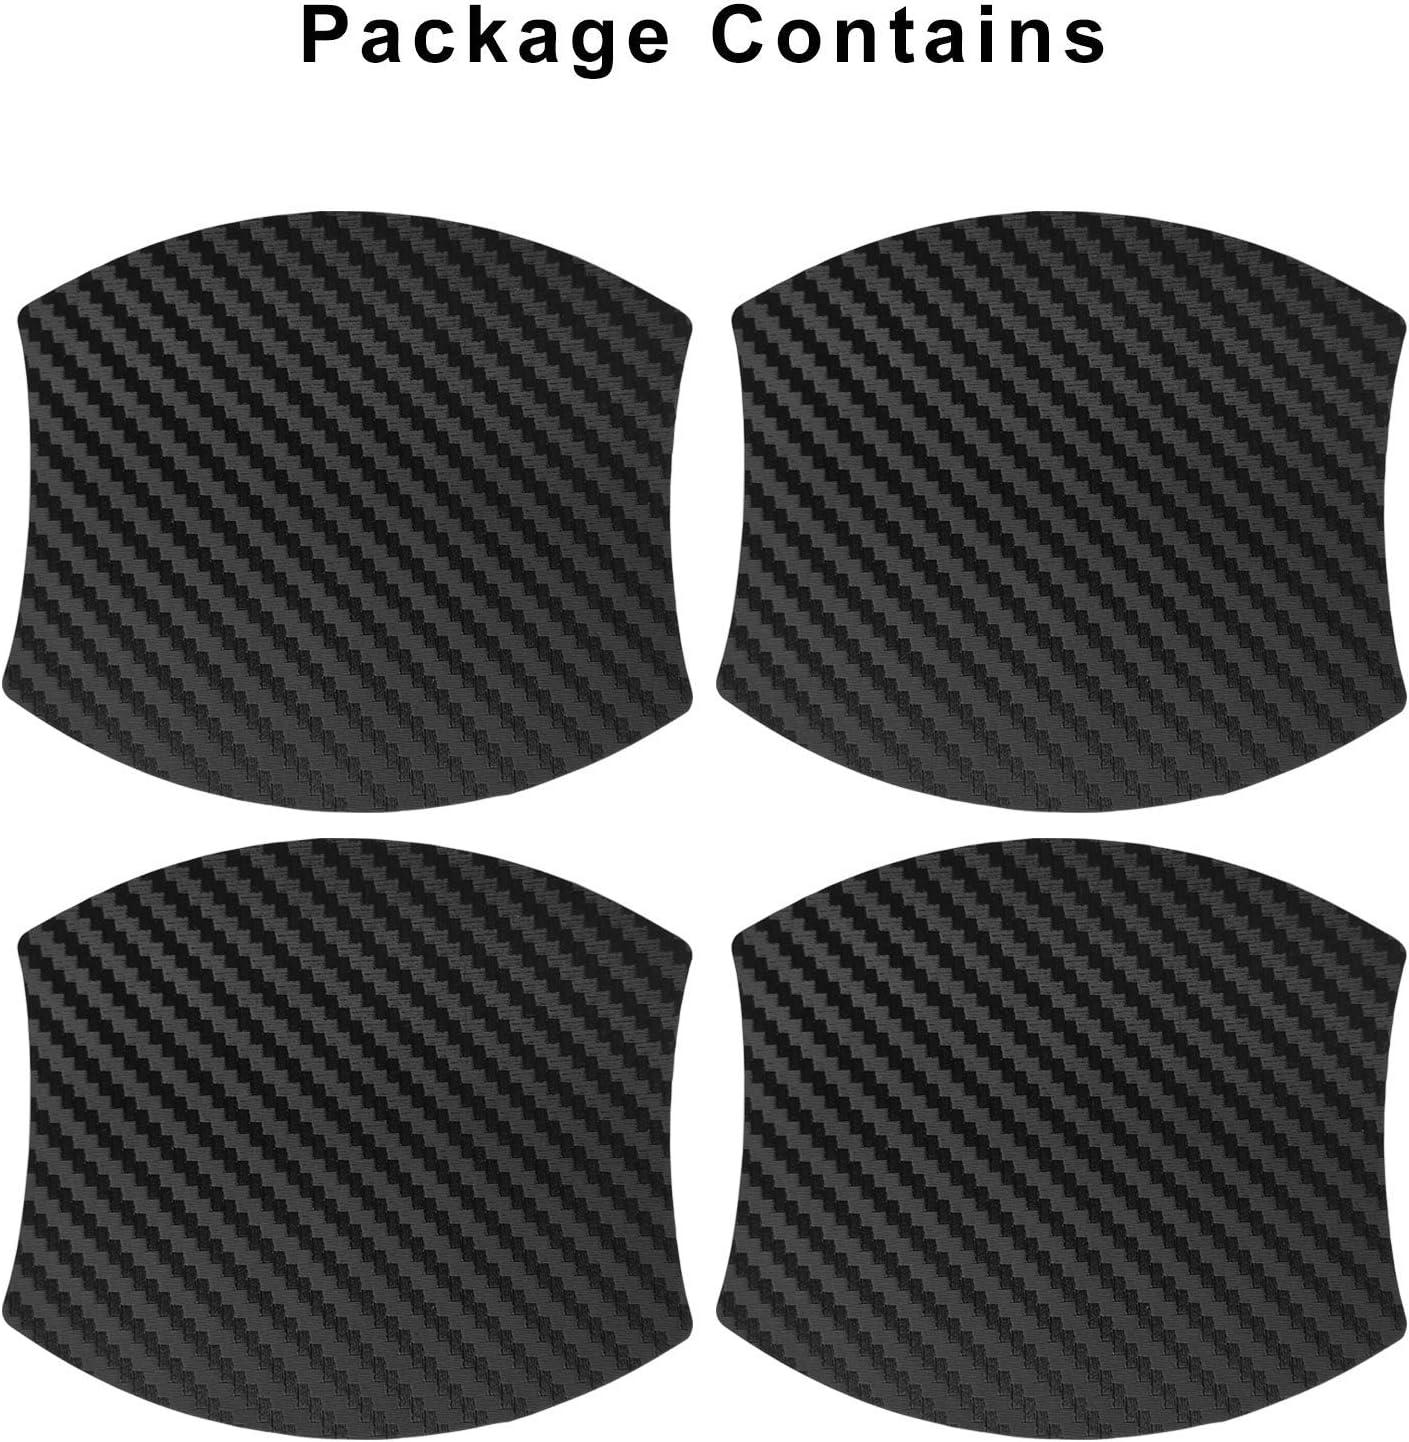 MLING 4pcs Voiture Poign/ée de Porte Insertion Magn/étique Couverture Anti Rayures Protecteur Compatible pour Tarraco